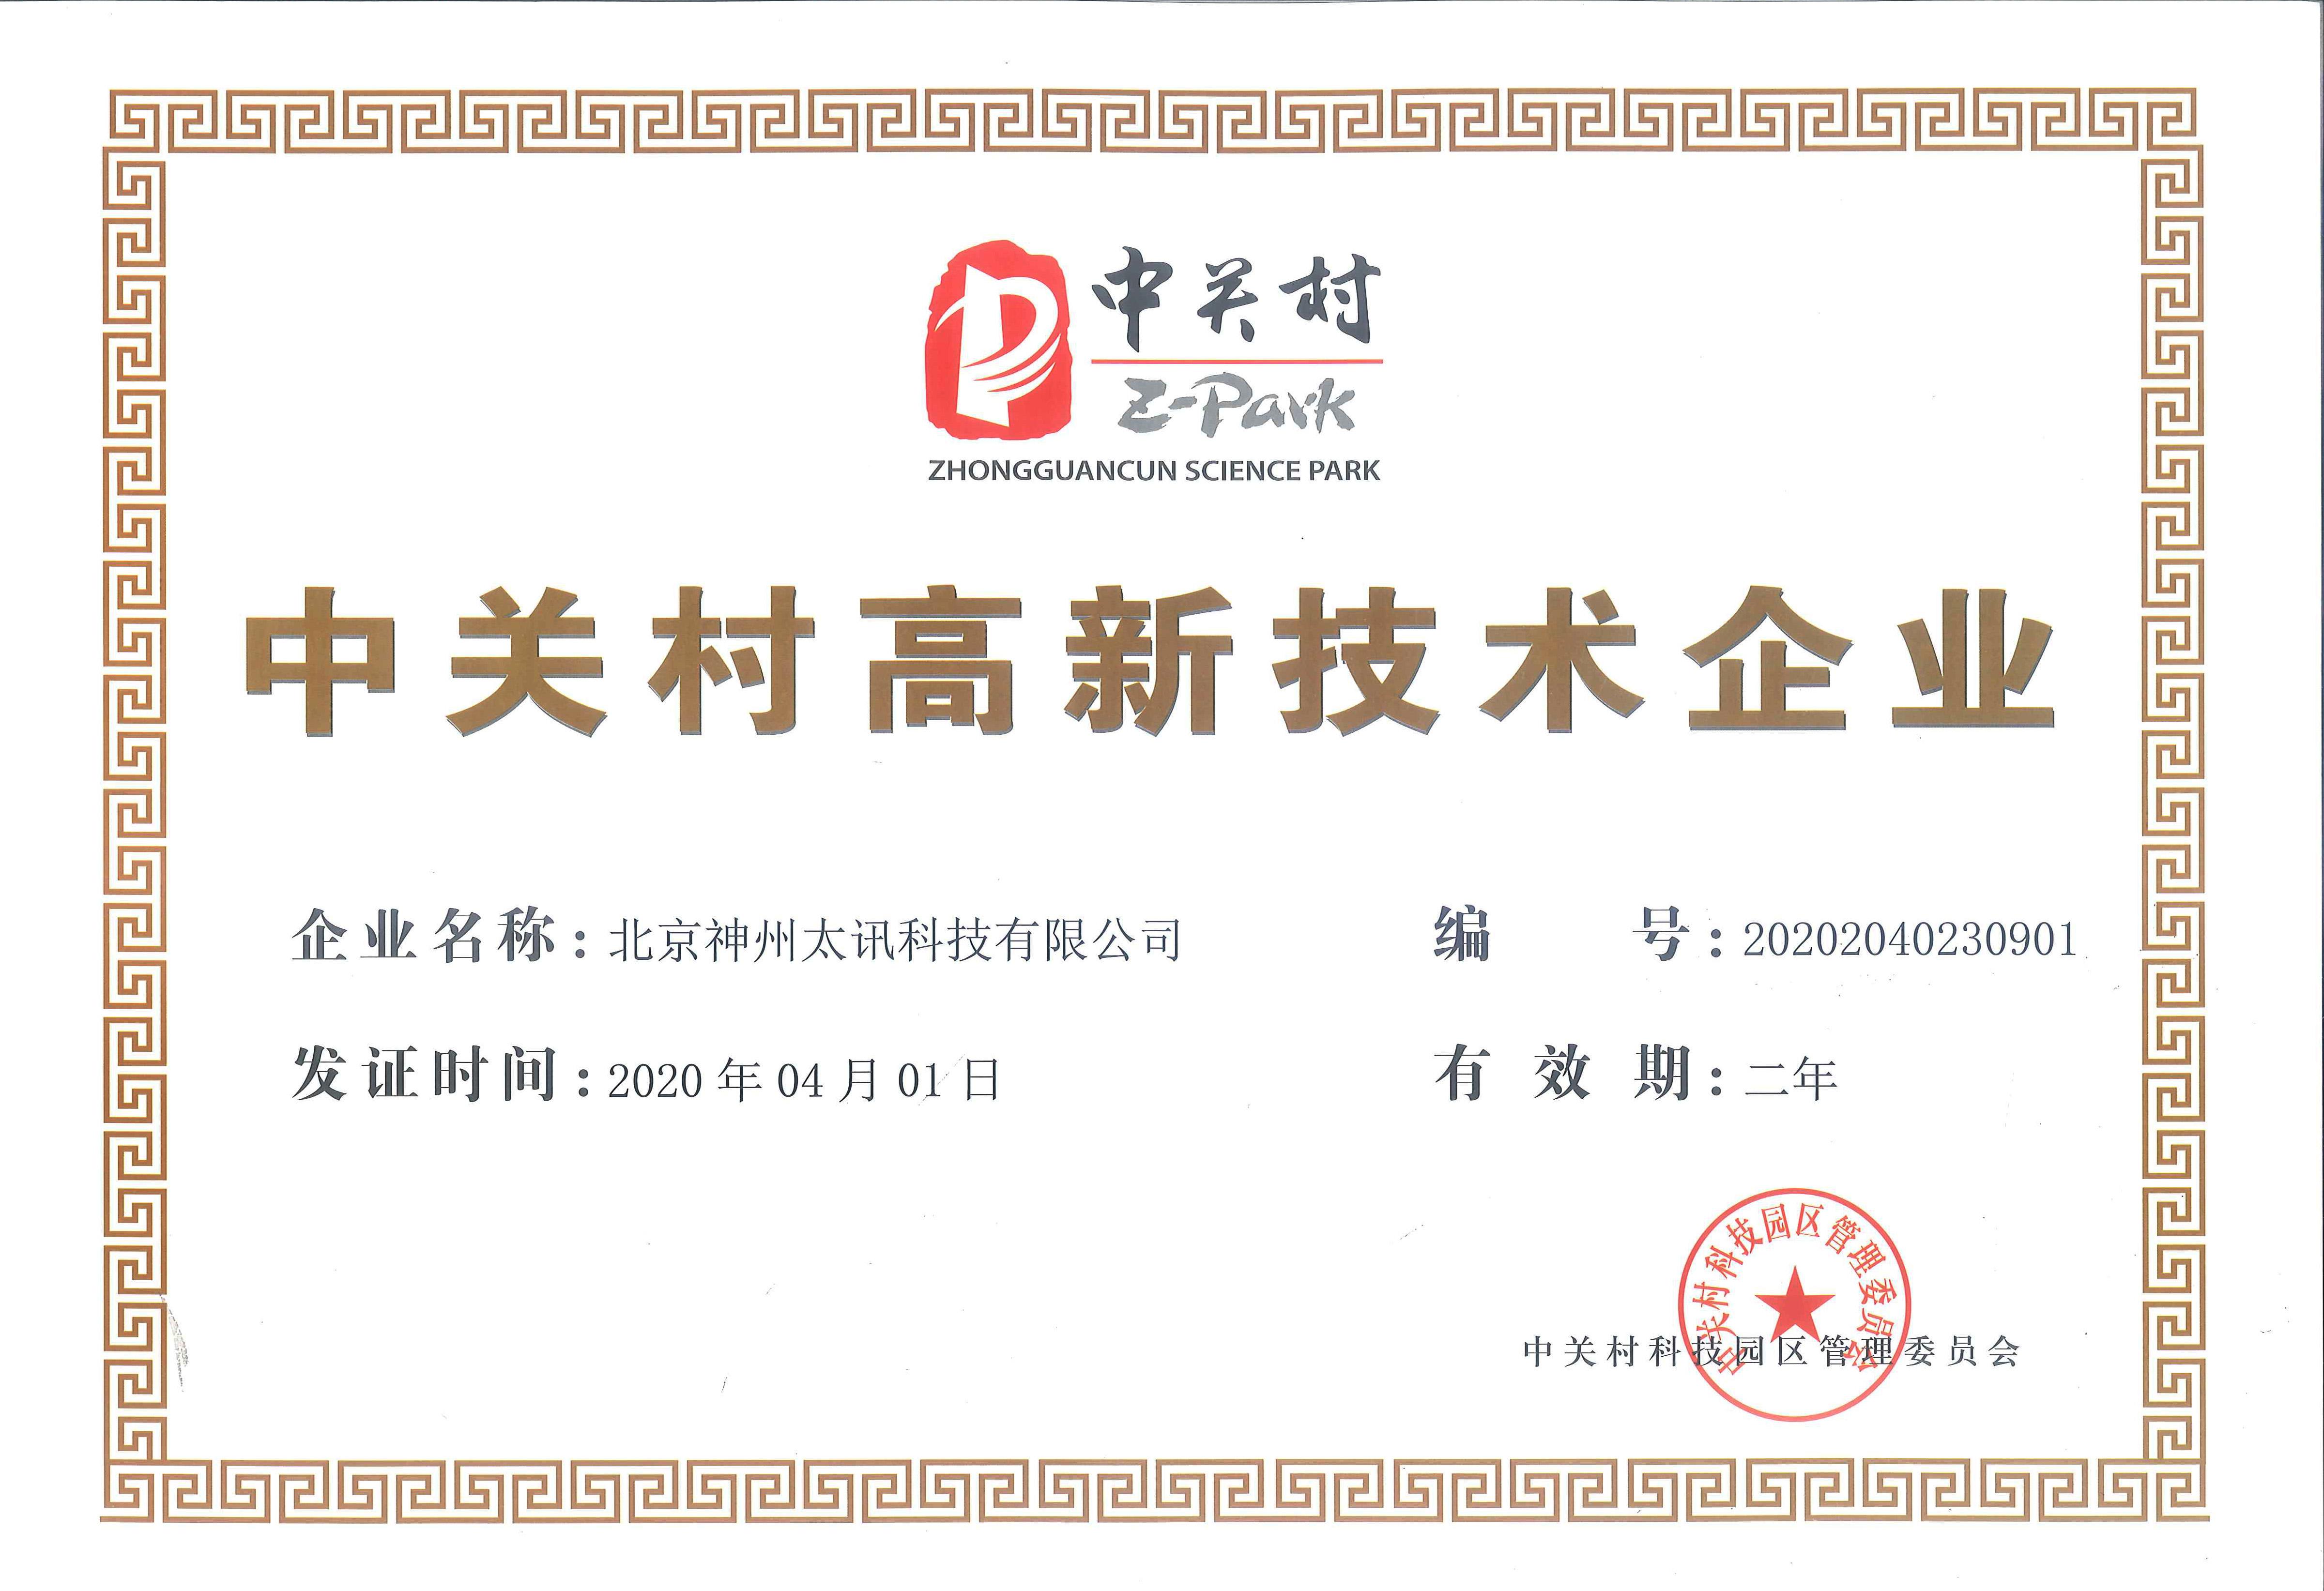 庆祝我公司顺利通过中关村高新技术企业认定!